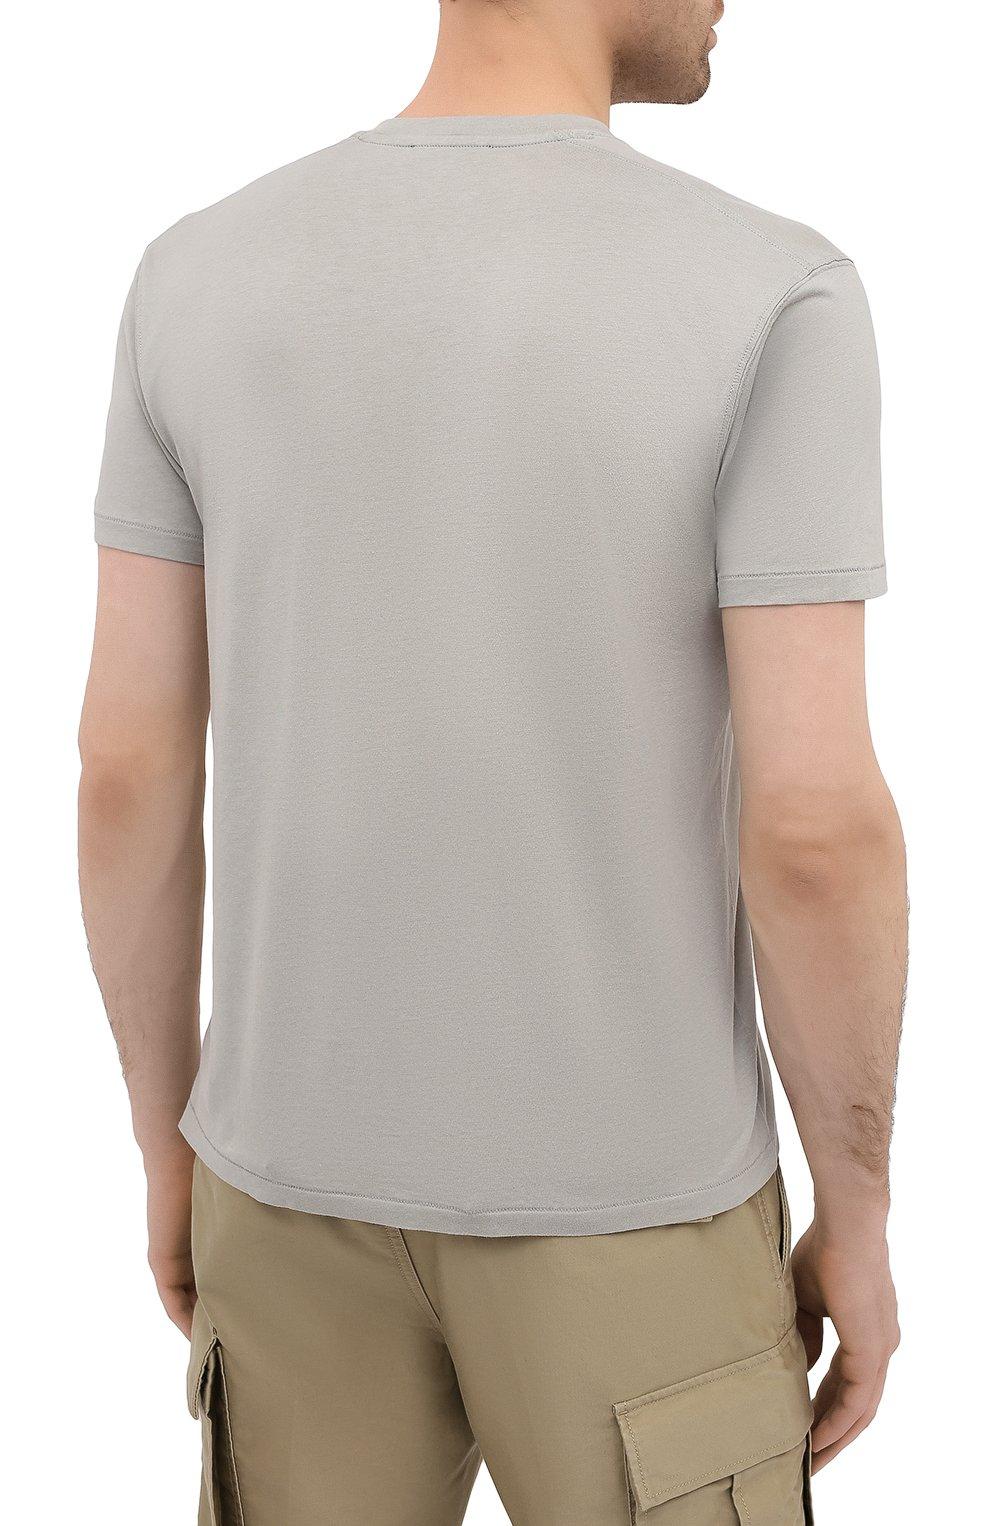 Мужская футболка TOM FORD светло-серого цвета, арт. BW229/TFJ950 | Фото 4 (Принт: Без принта; Рукава: Короткие; Длина (для топов): Стандартные; Материал внешний: Хлопок, Лиоцелл; Стили: Кэжуэл)